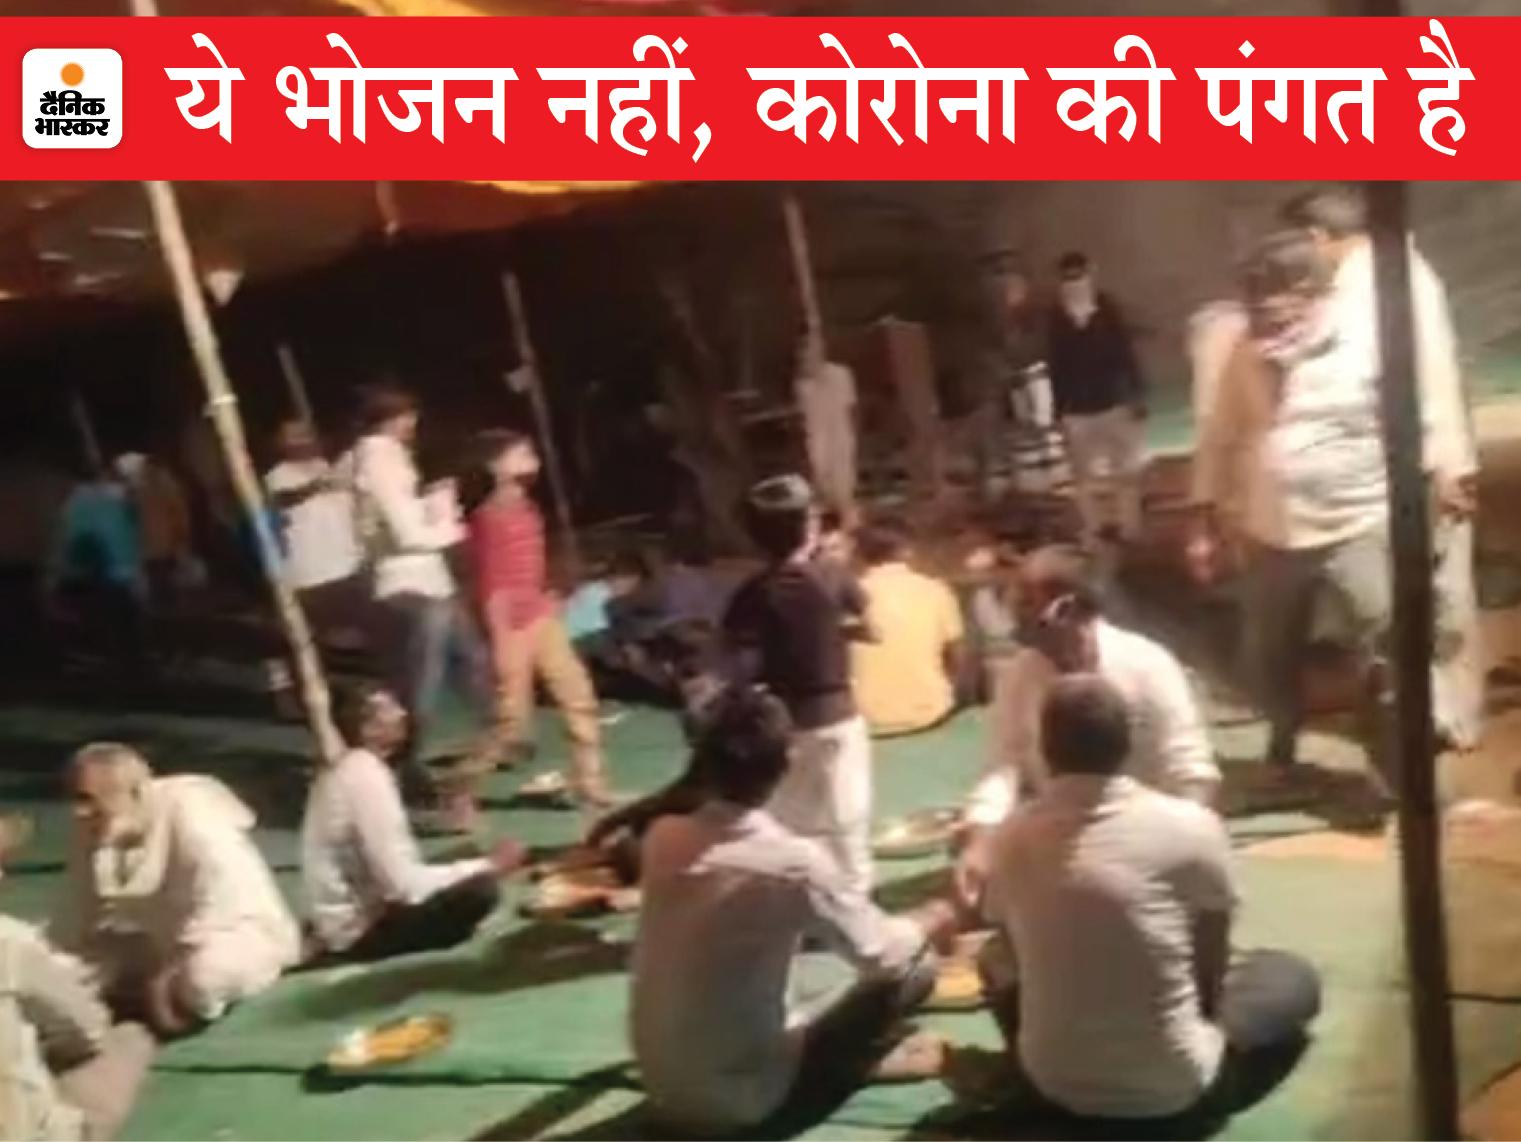 राजस्थान के CM गहलोत के गृह जिले में कोरोना गाइडलाइन की धज्जियां उड़ीं, शादी में सैकड़ों लोगों का जमावड़ा जोधपुर,Jodhpur - Dainik Bhaskar